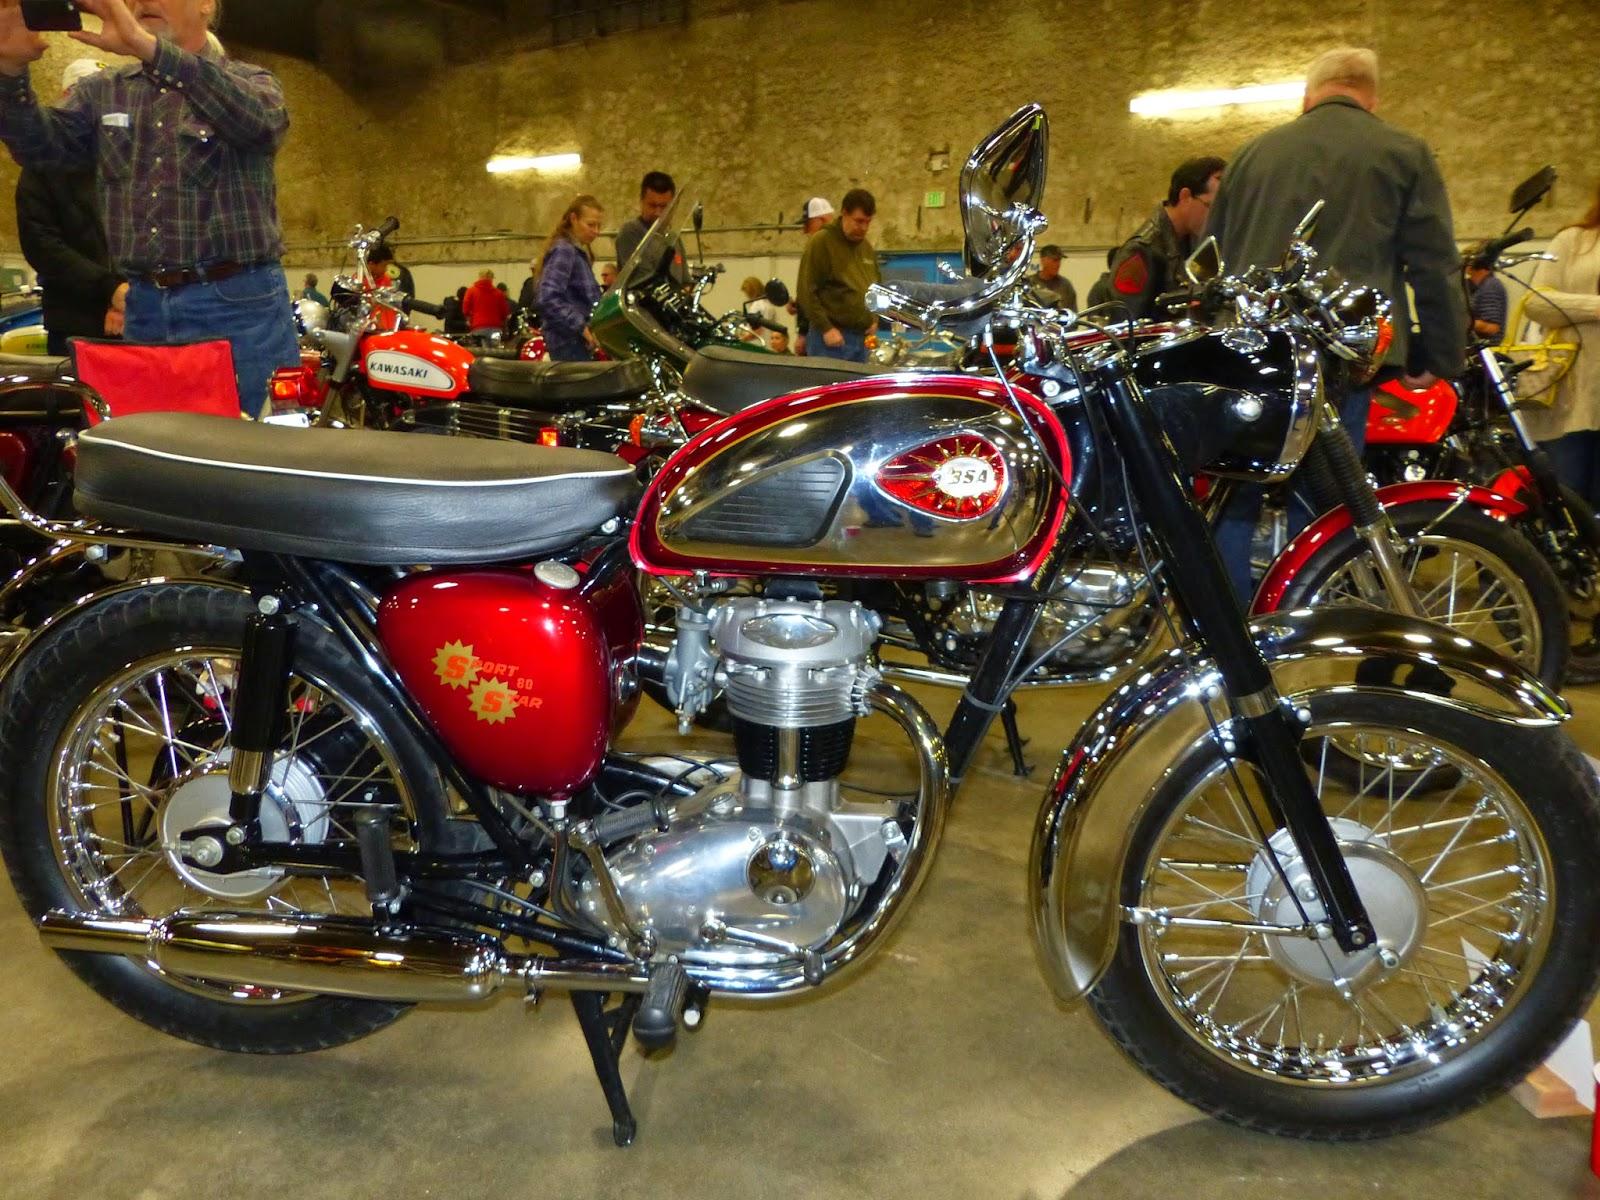 1965 BSA 250 C15 SS80 Judges Award Winner At The 2015 Idaho Vintage Motorcycle Show Caldwell